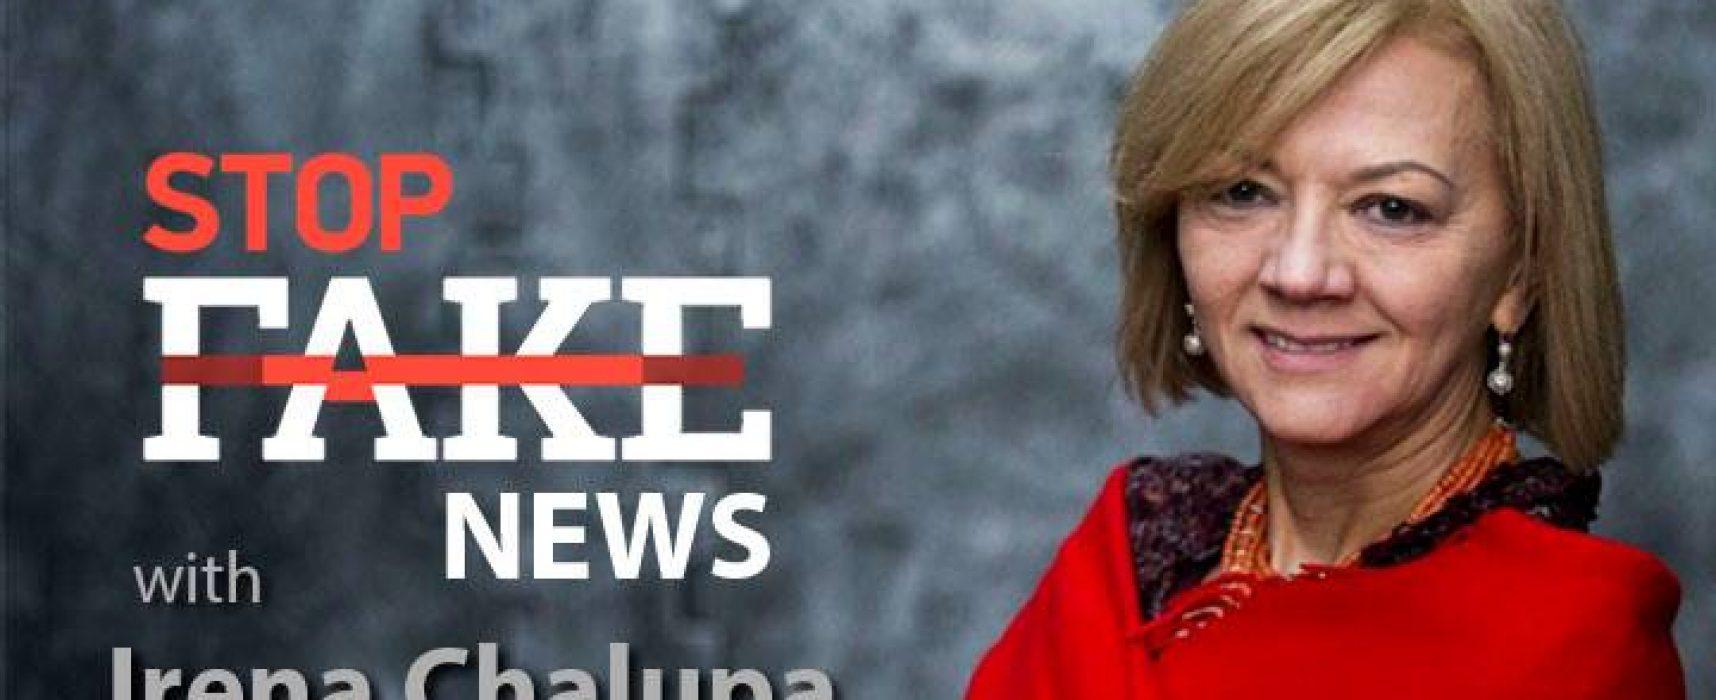 Noticias StopFake #80 con Irena Chalupa en inglés